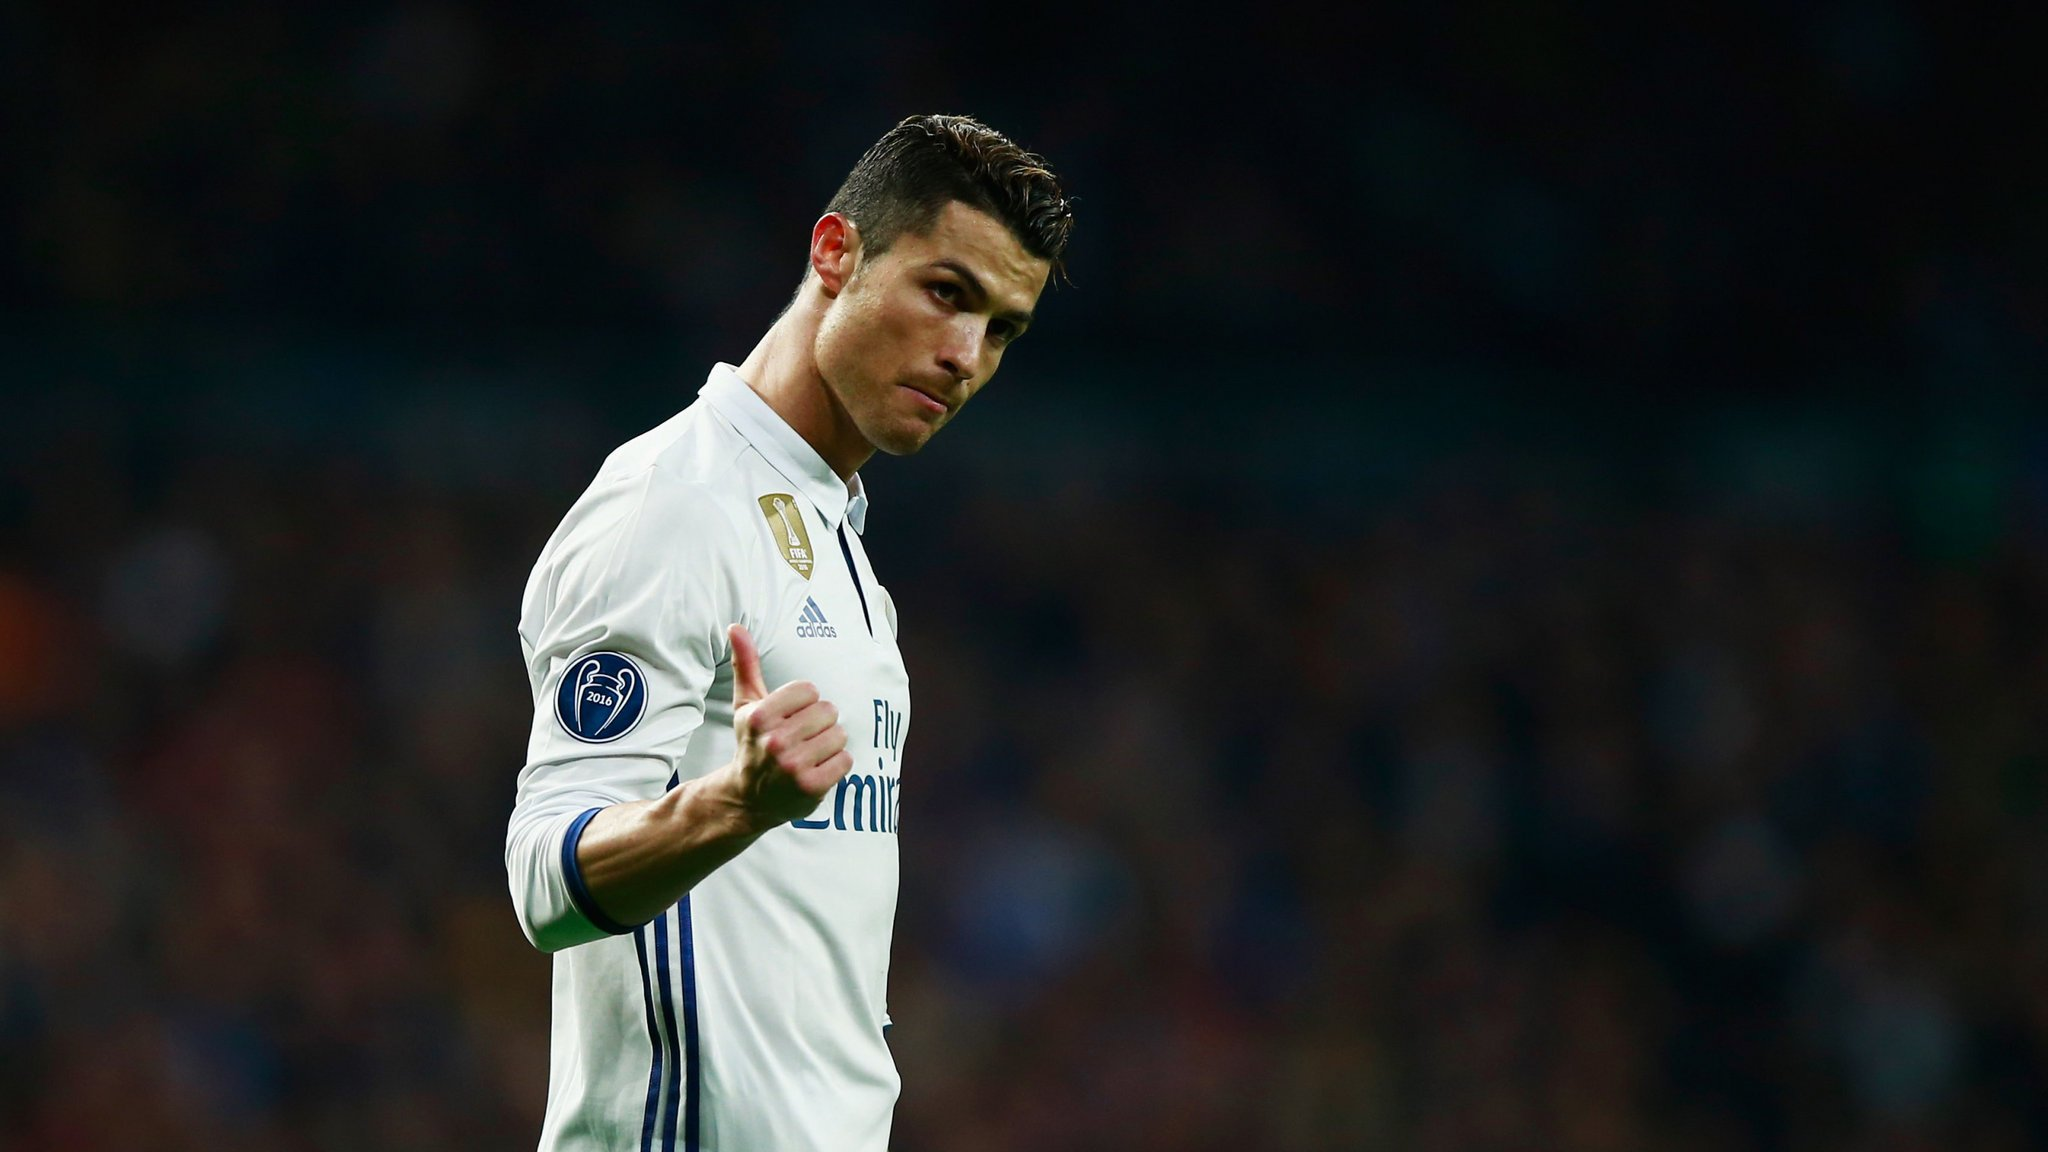 Ronaldo vẫn luôn khẳng định mình trong sạch và anh sẽ không nộp tiền để chứng minh điều đó